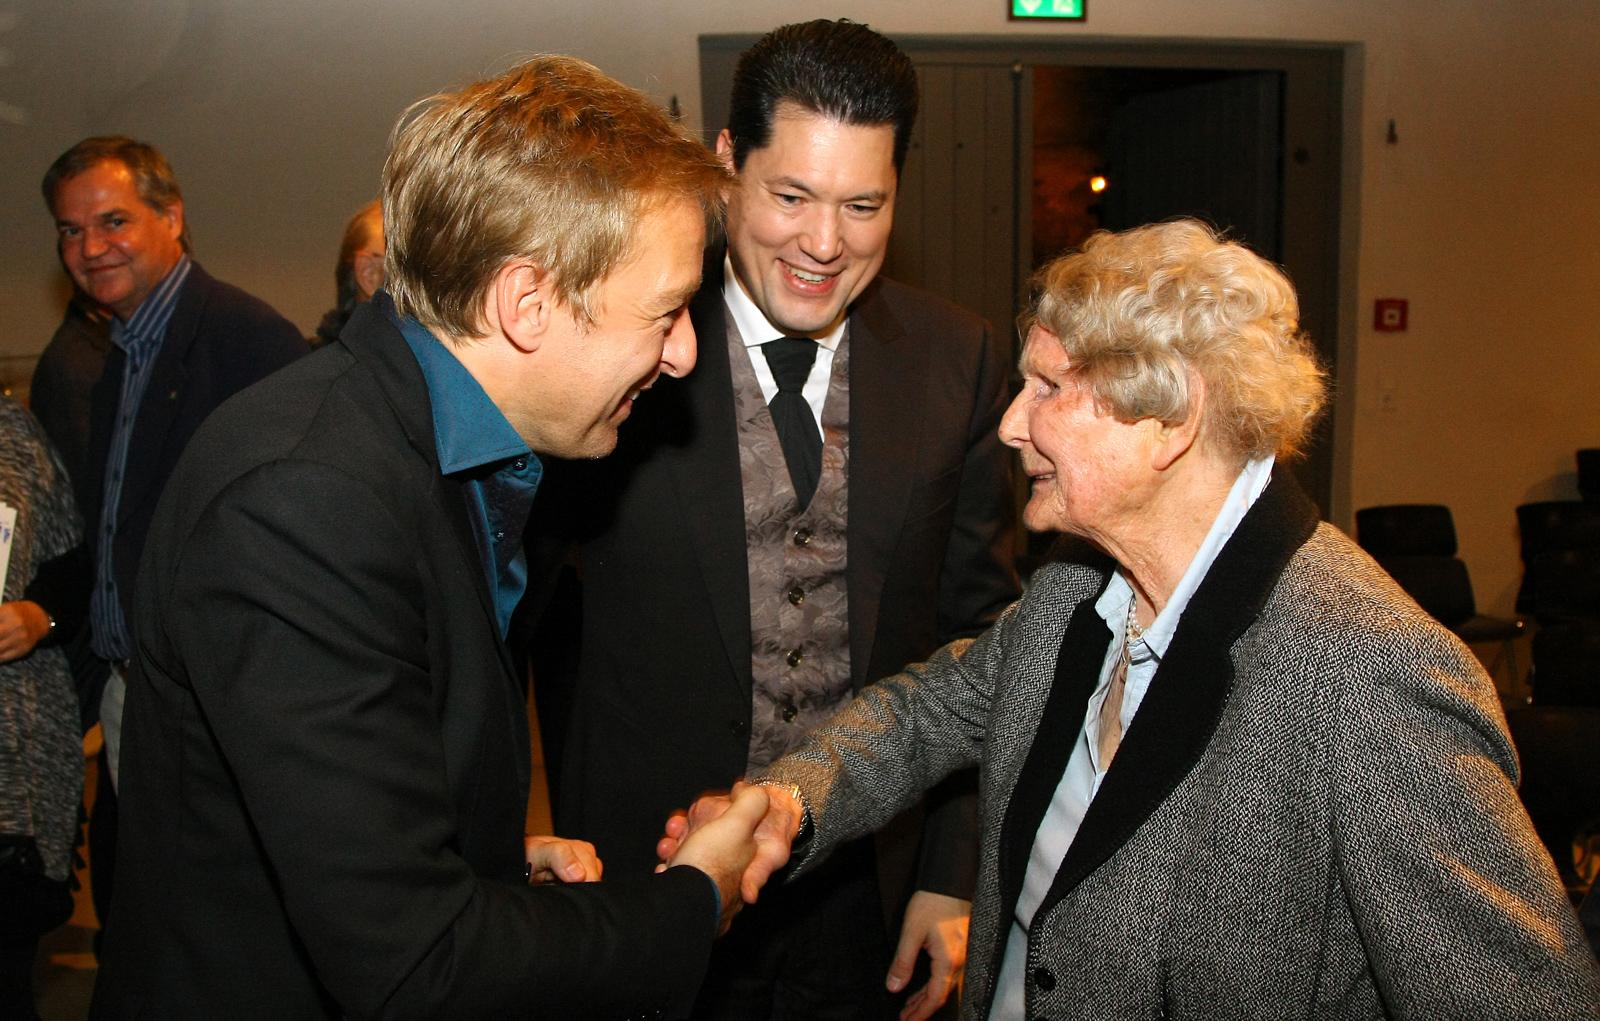 Max Müller, Ingo Dannhorn und Mechthild Frfr. von Künßberg (geb. Kempff)